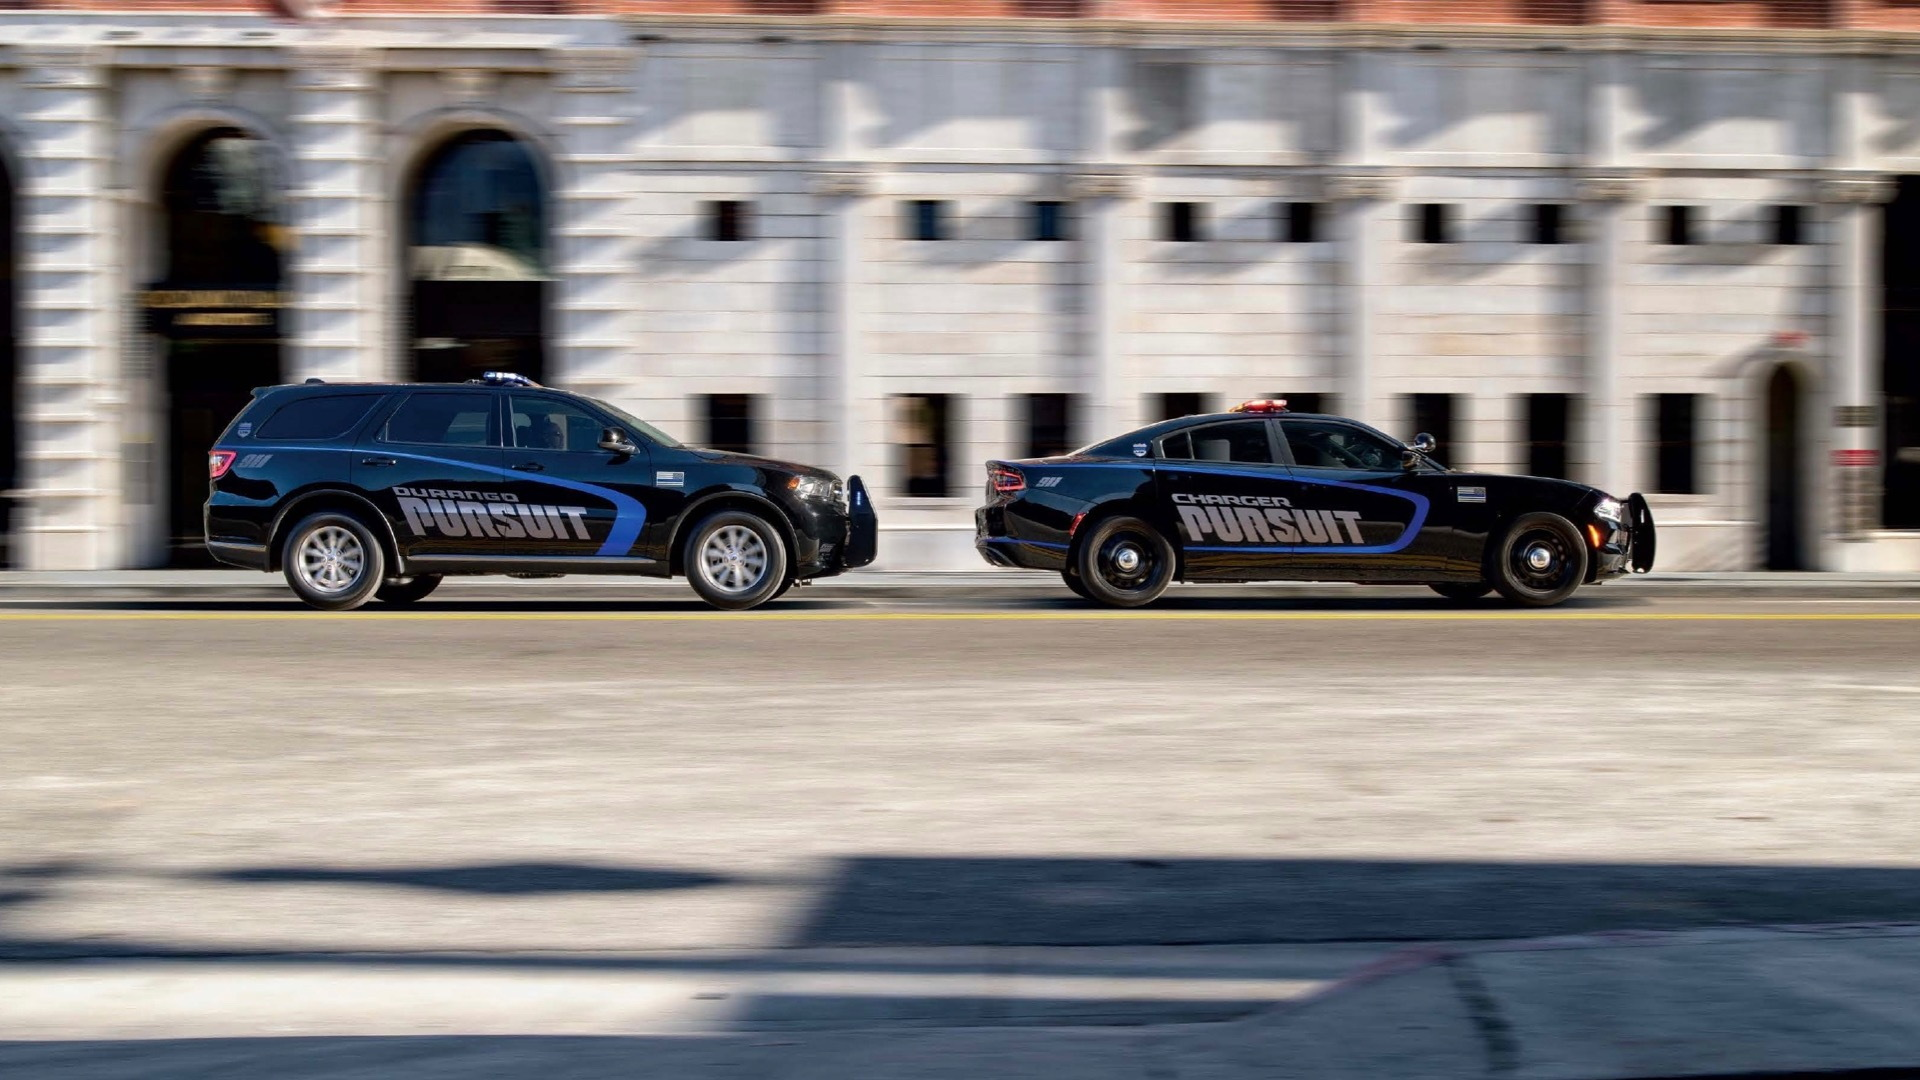 2021 Dodge Charger Pursuit and 2021 Dodge Durango Pursuit